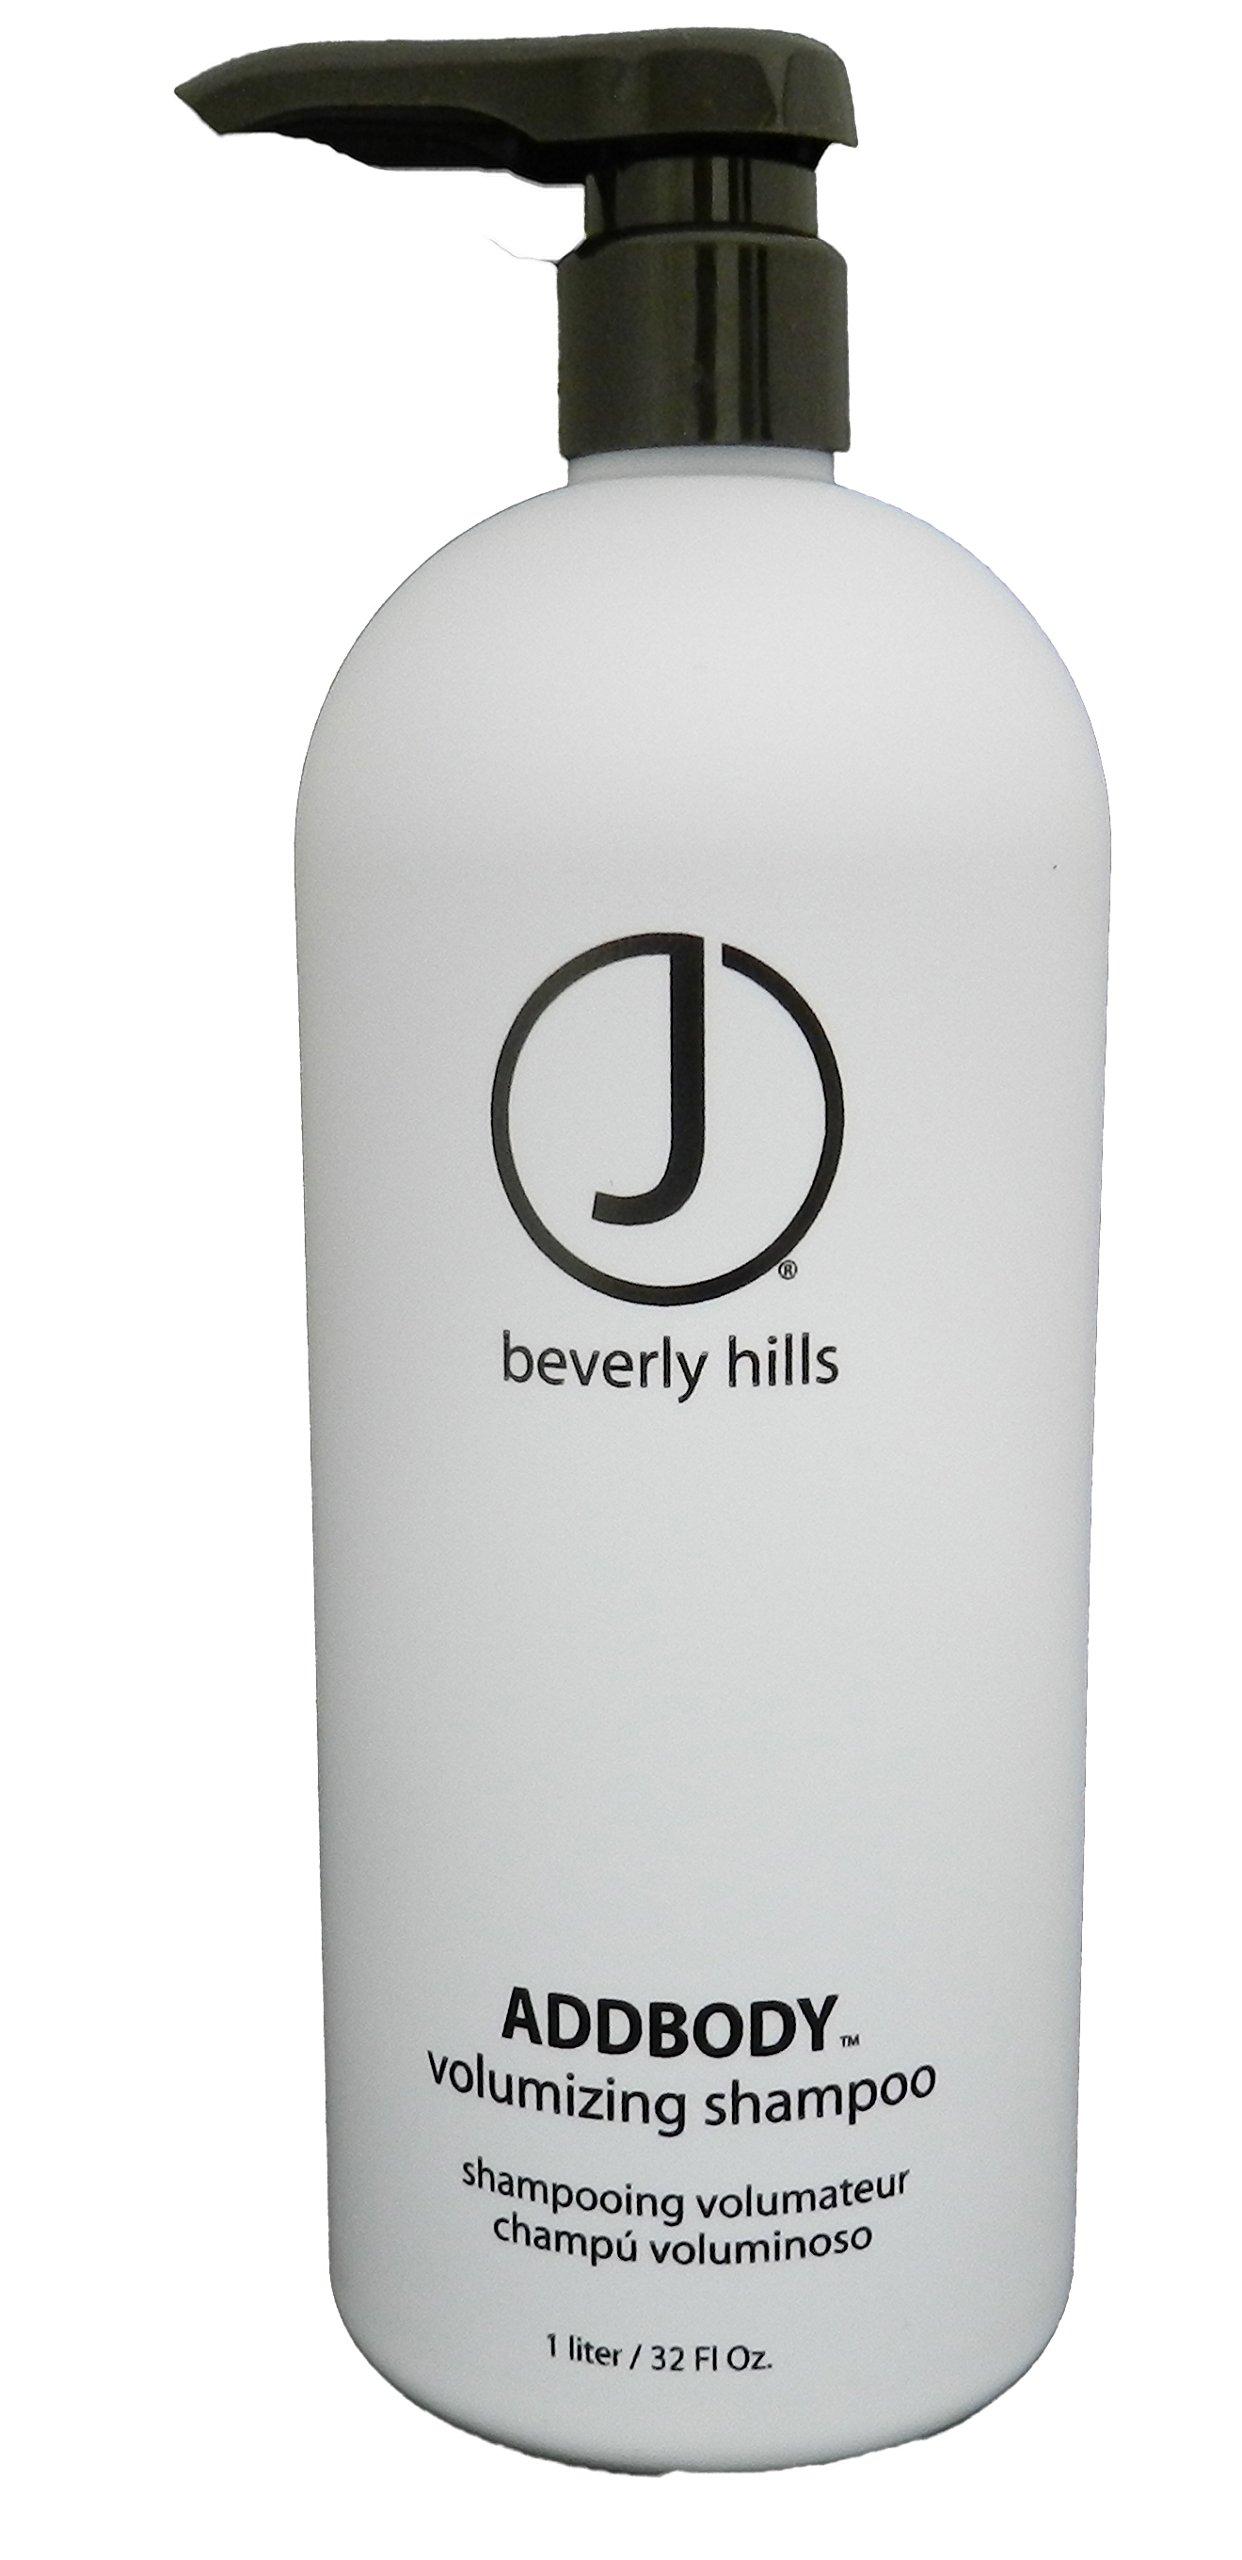 J Beverly Hills Addbody Volumizing Shampoo 1000ml/32oz by J Beverly Hills